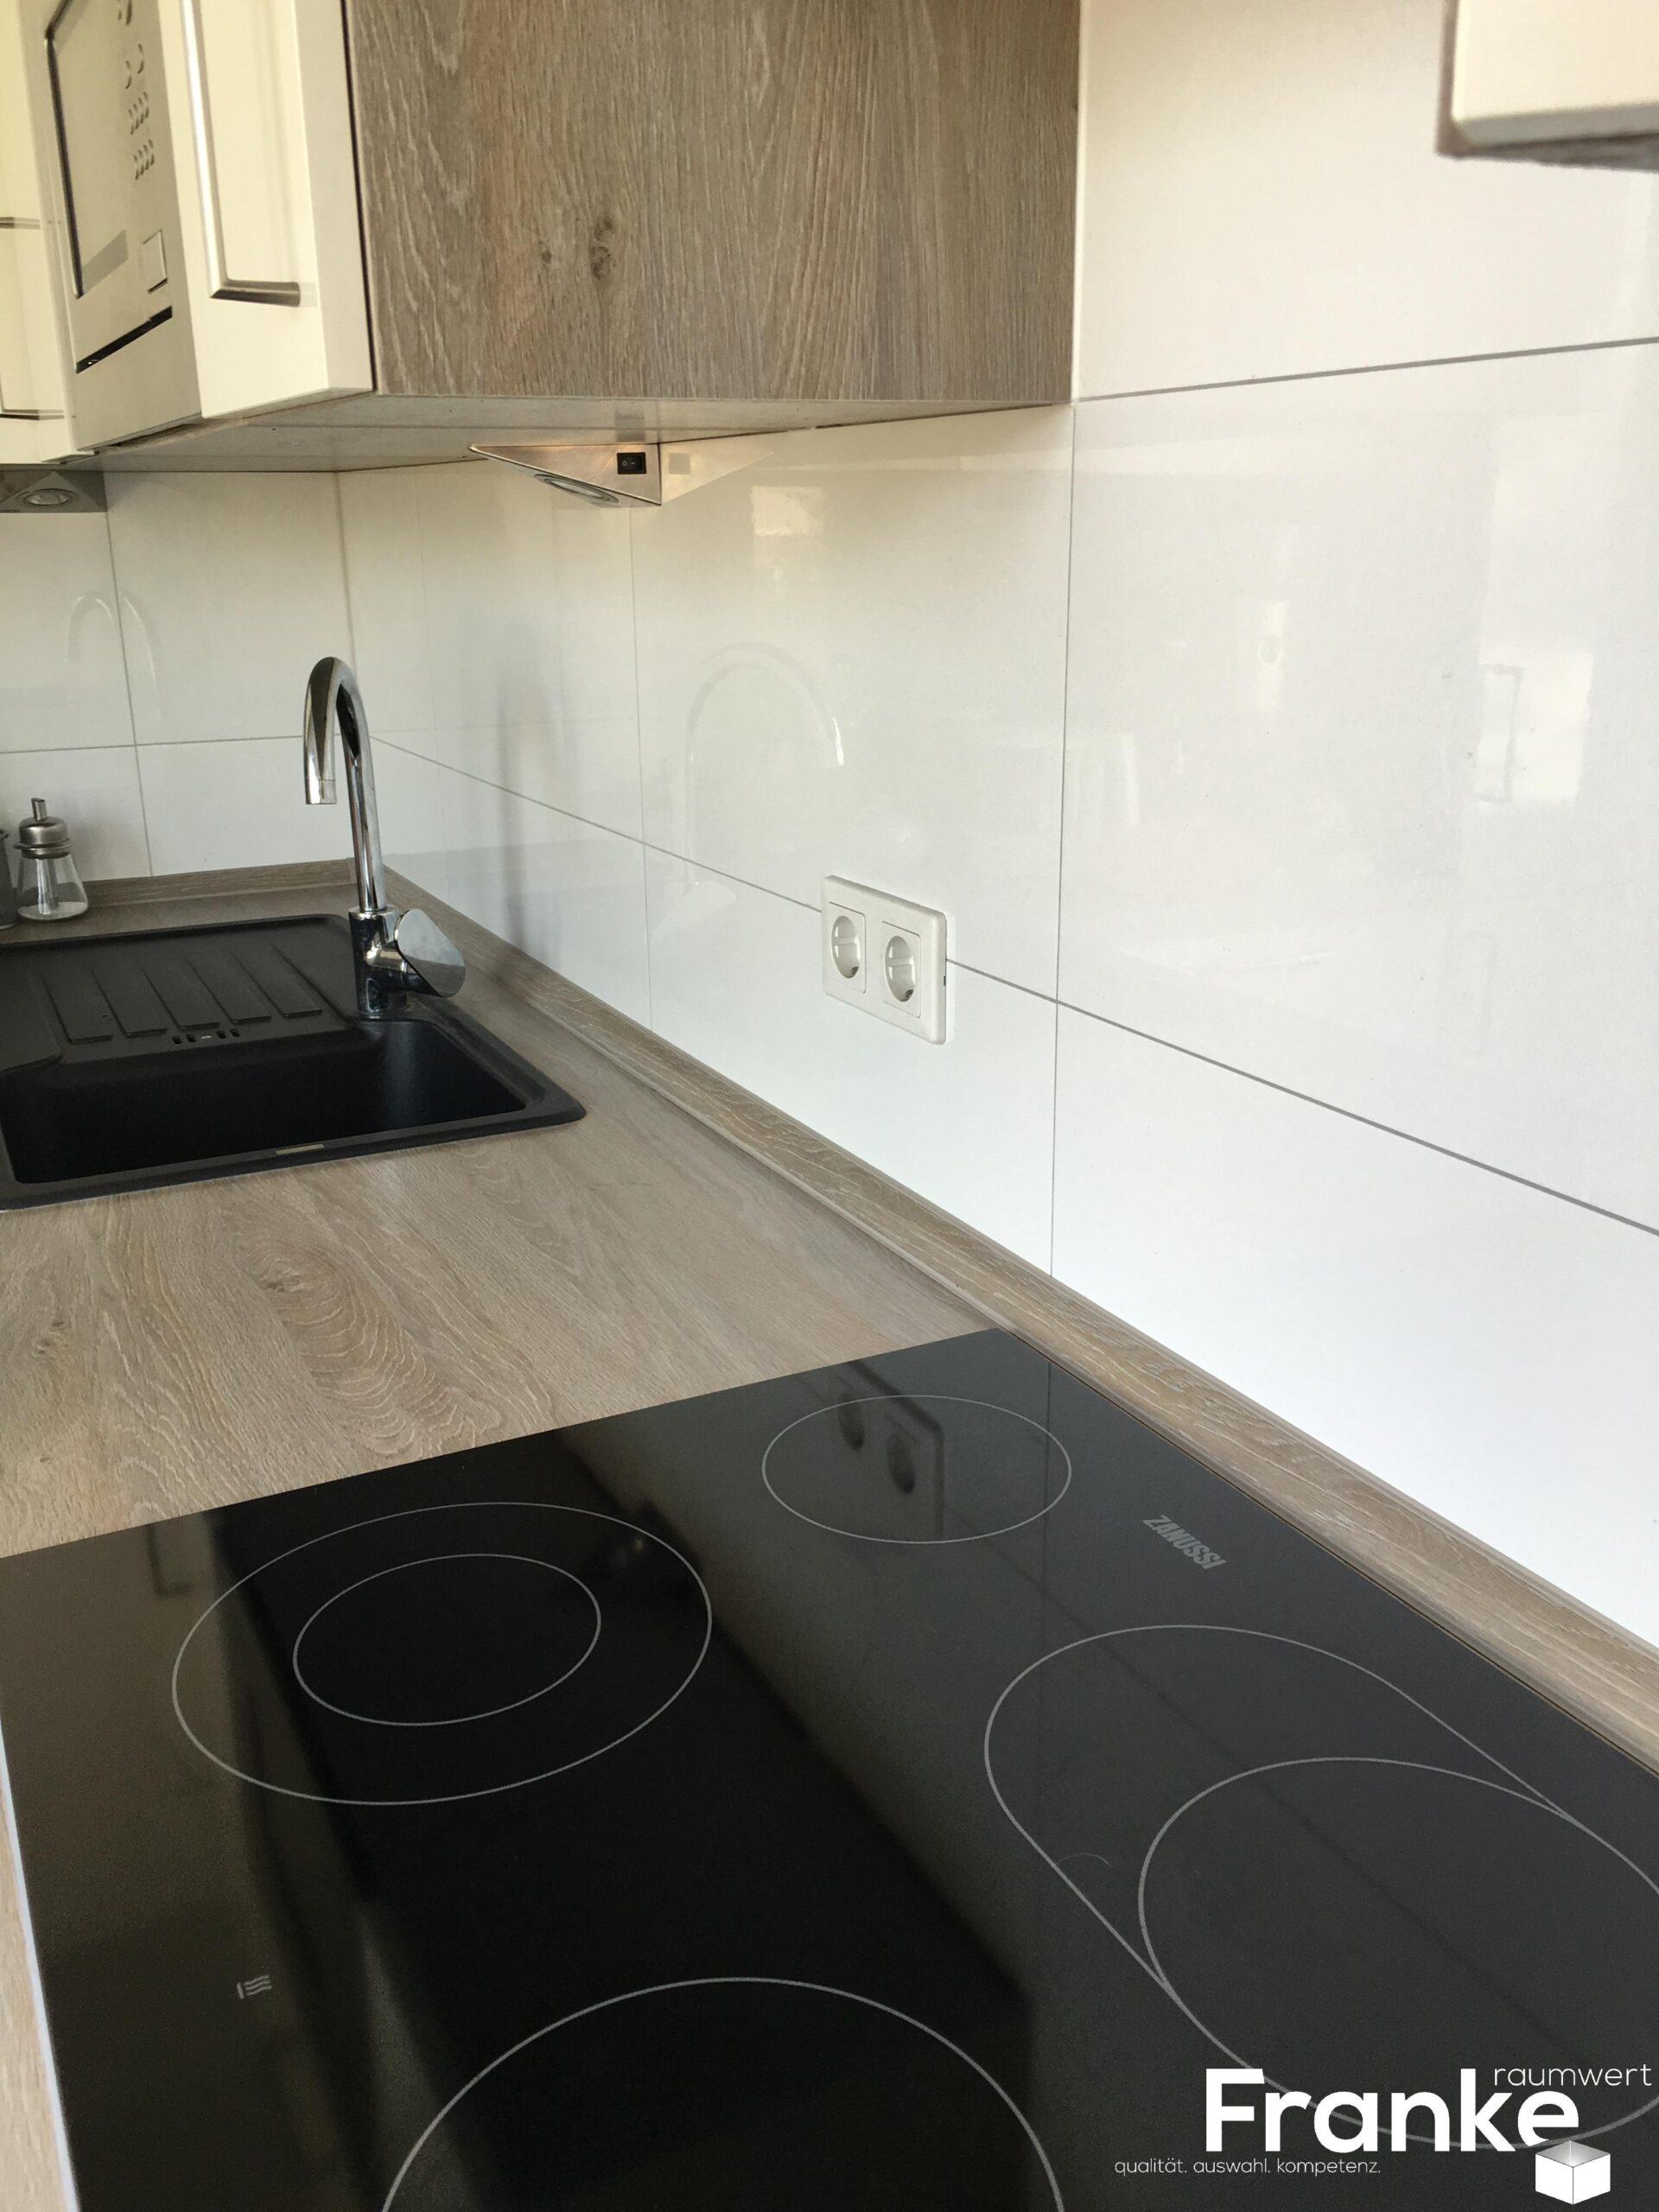 Full Size of Küche Fliesenspiegel Selber Machen Küchen Regal Glas Wohnzimmer Küchen Fliesenspiegel